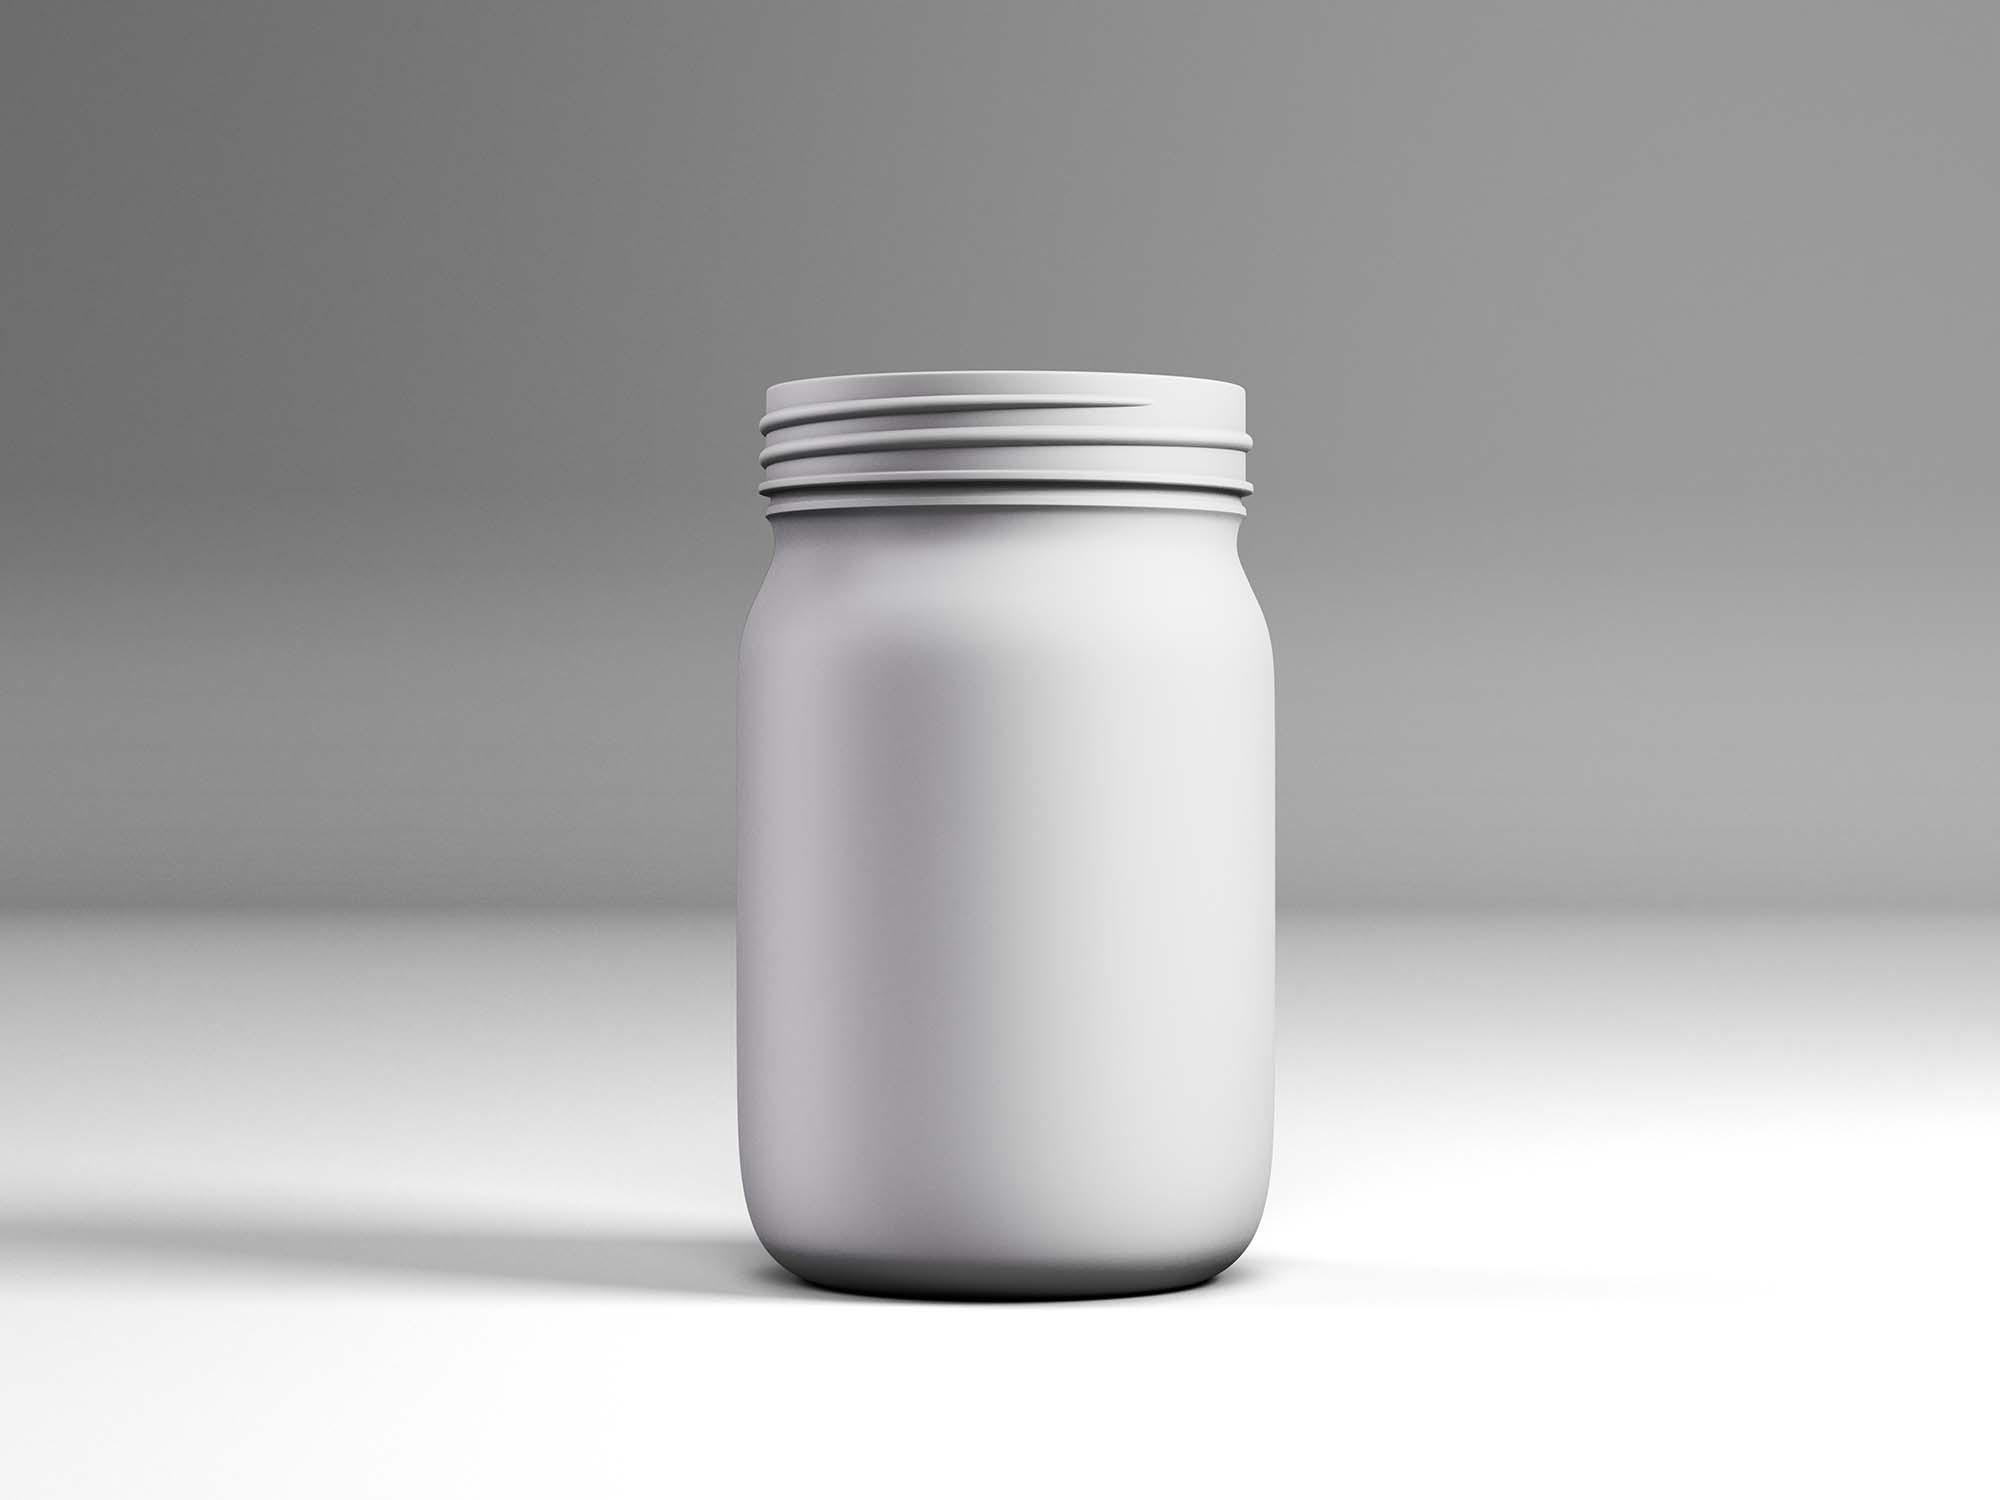 Plastic Matt Jar Mockup 2